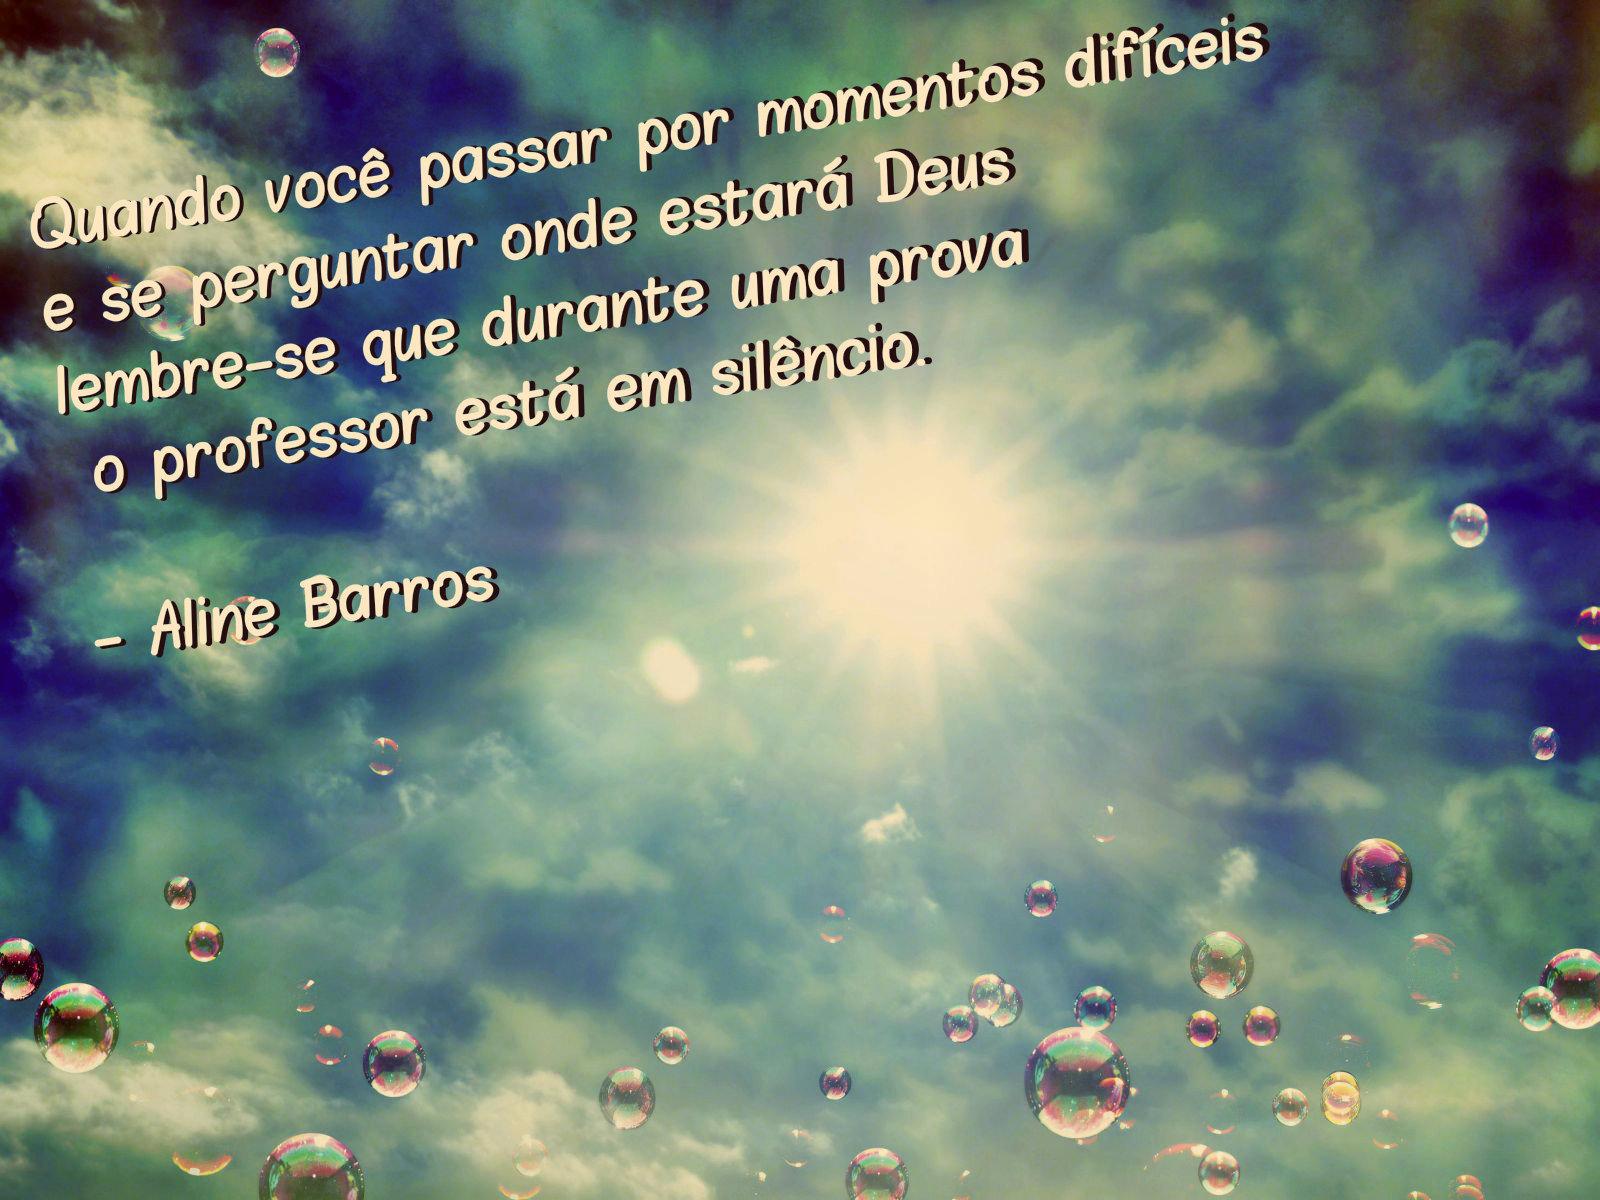 Well-known Mensagem Para Momentos DifíCeis GM04